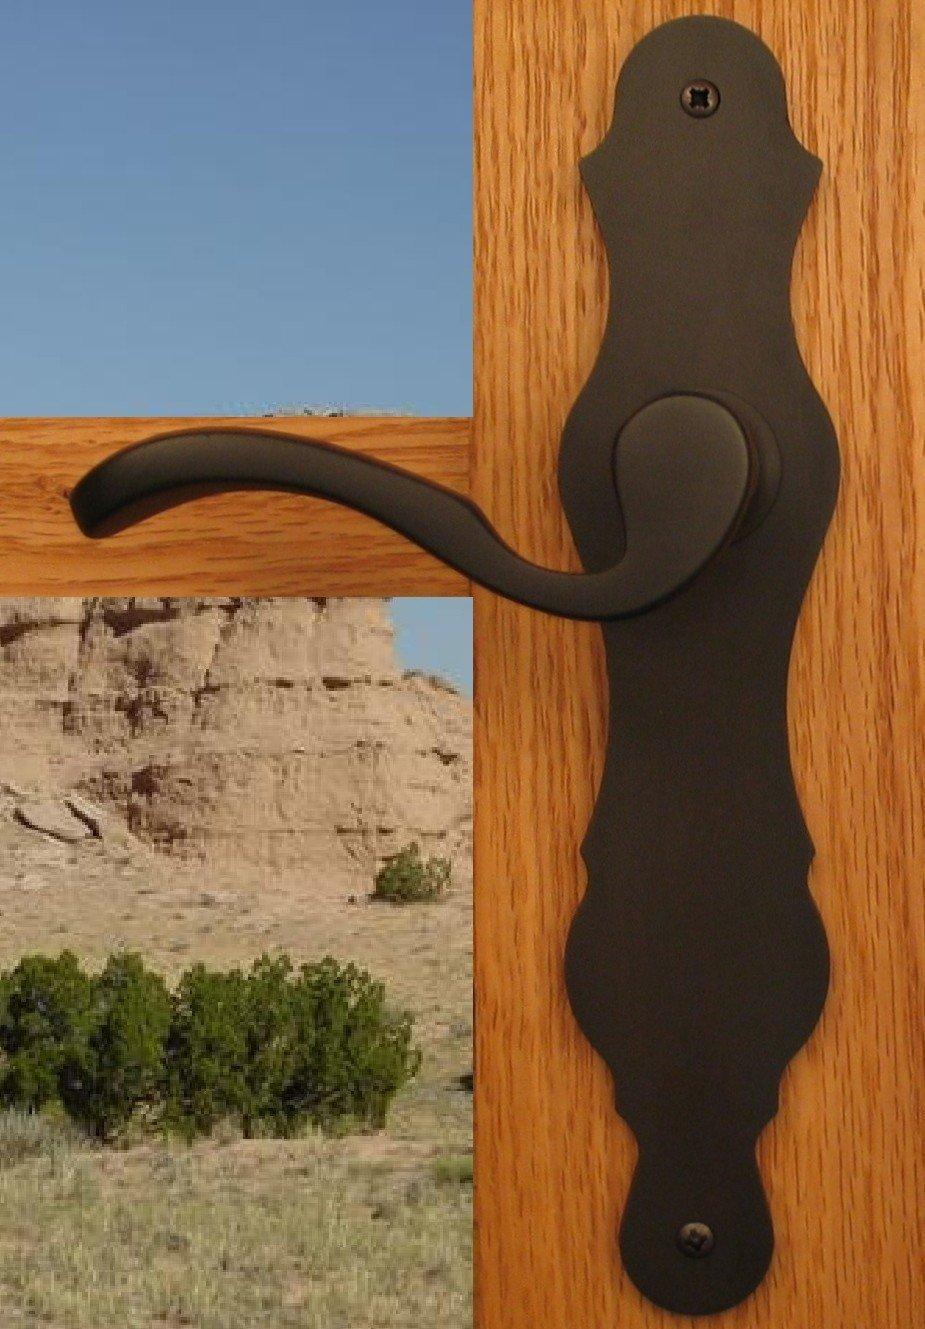 Buy Mortise Lock Entry Door Lockset With Deadbolt Santa Fe Lever